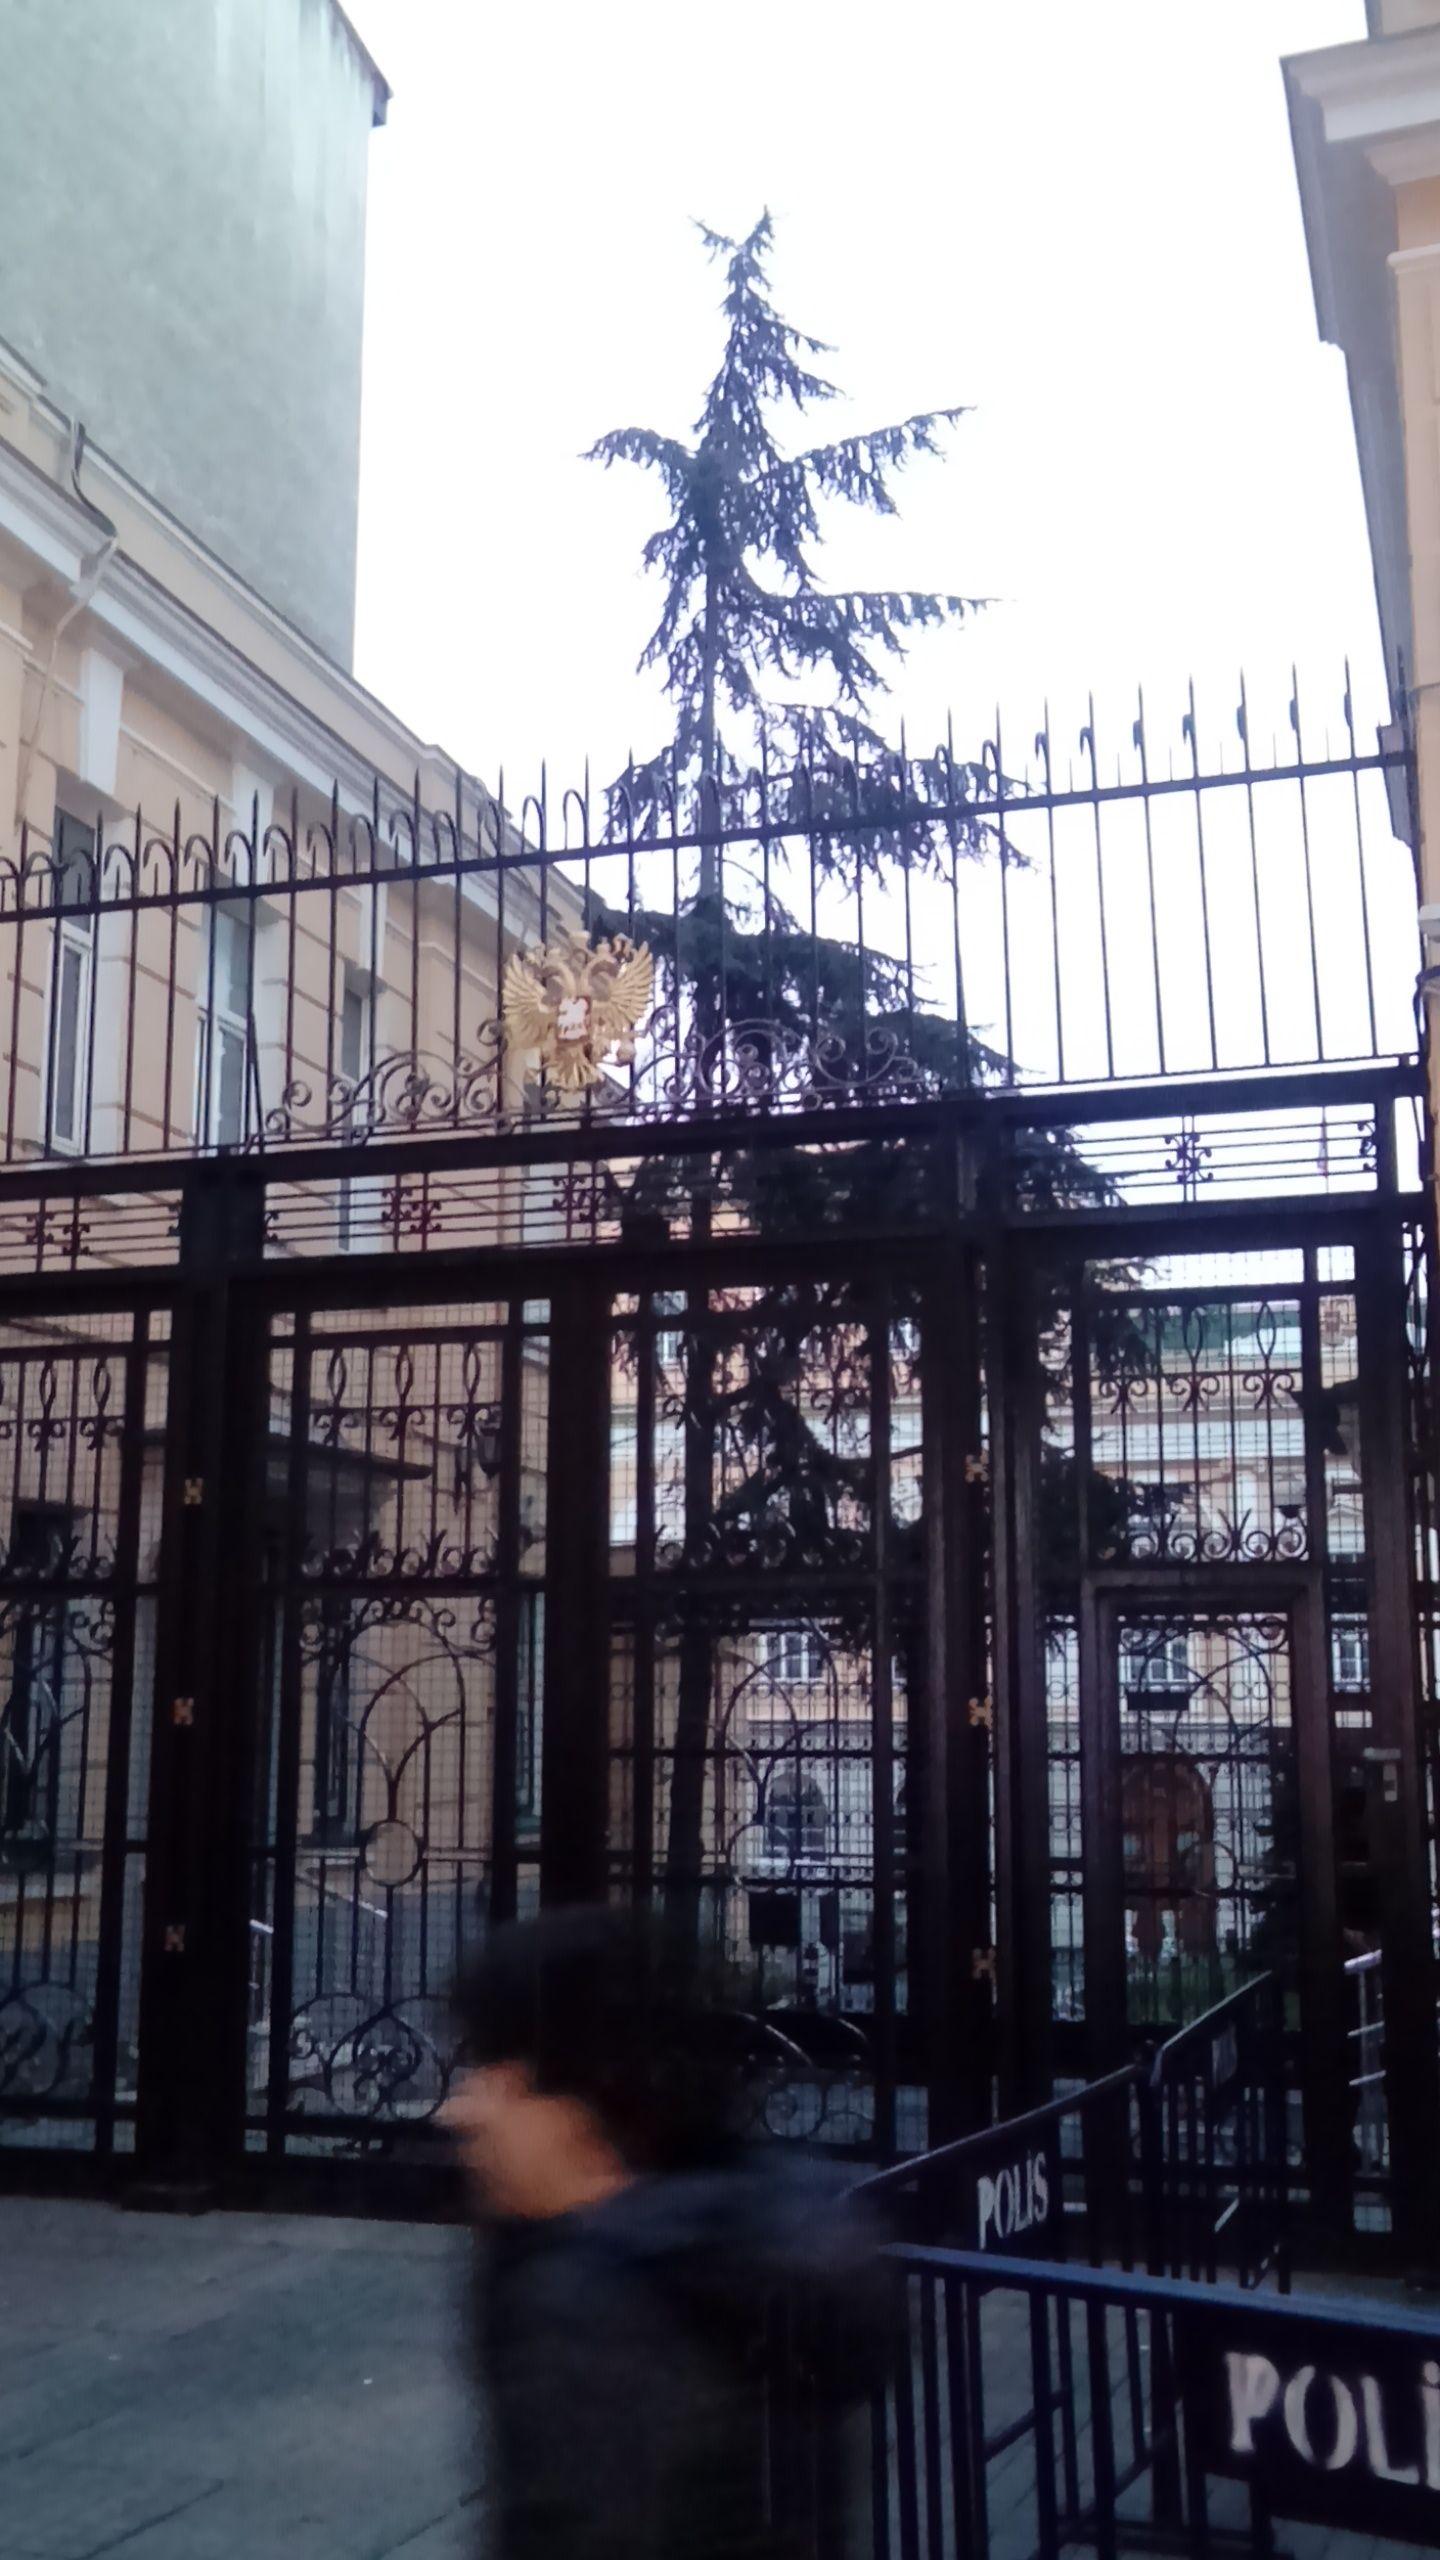 Russisches Generalkonsulat in der İstiklal Caddesi – aktuell stark von der türkischen Polizei bewacht.